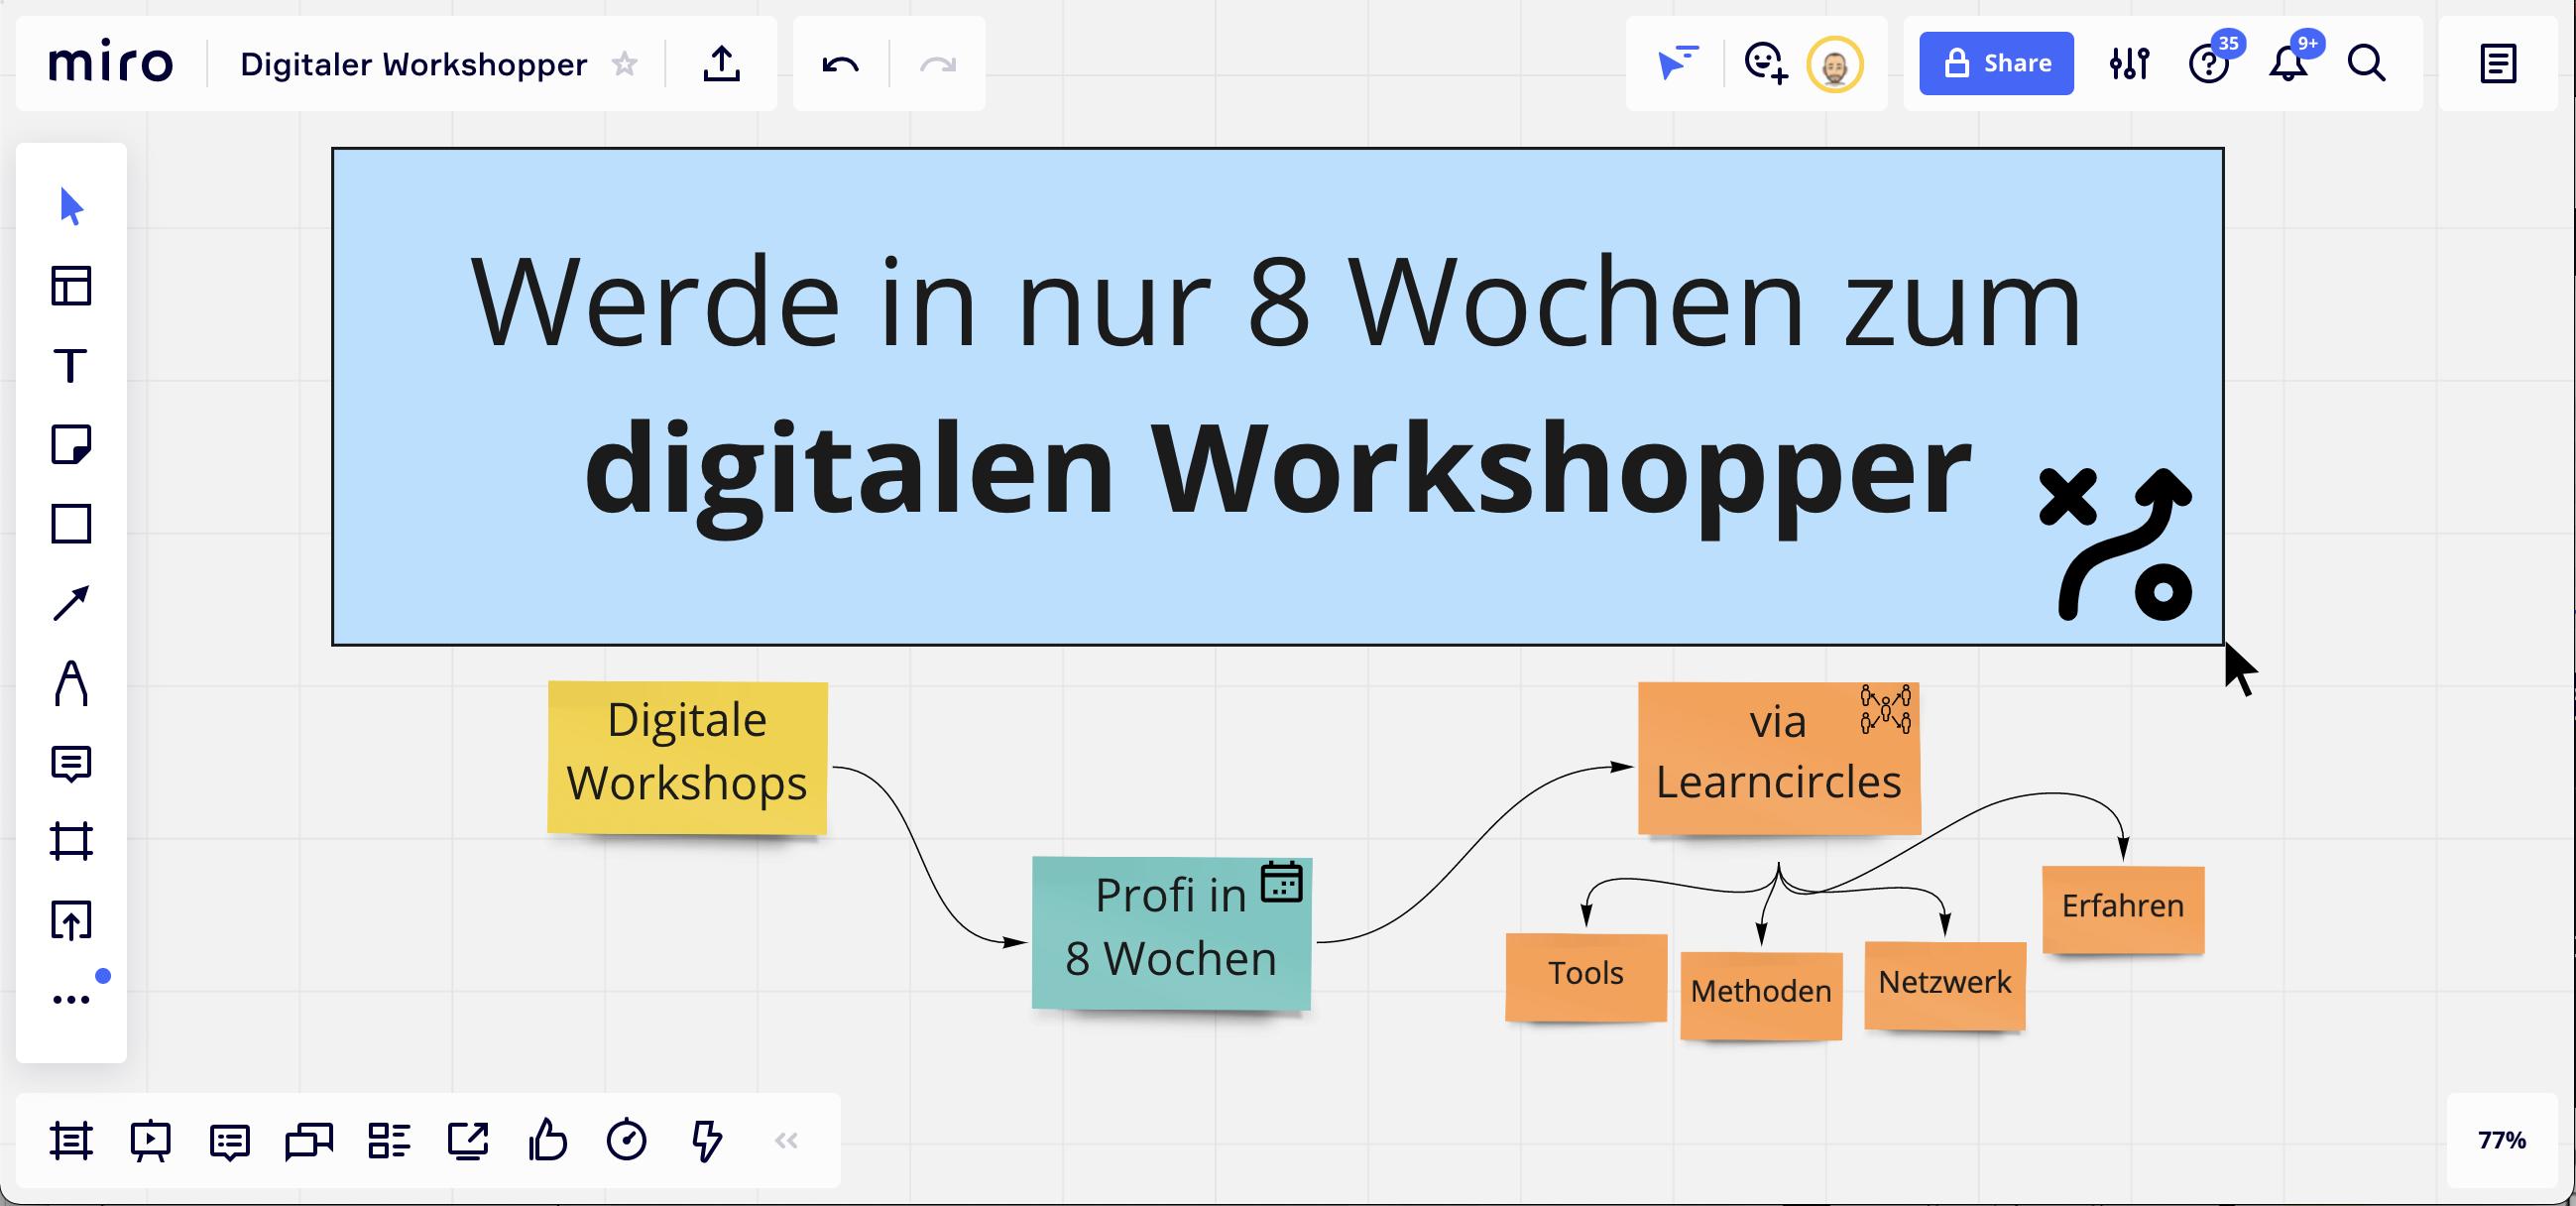 WS_Digitaler_Workshopper